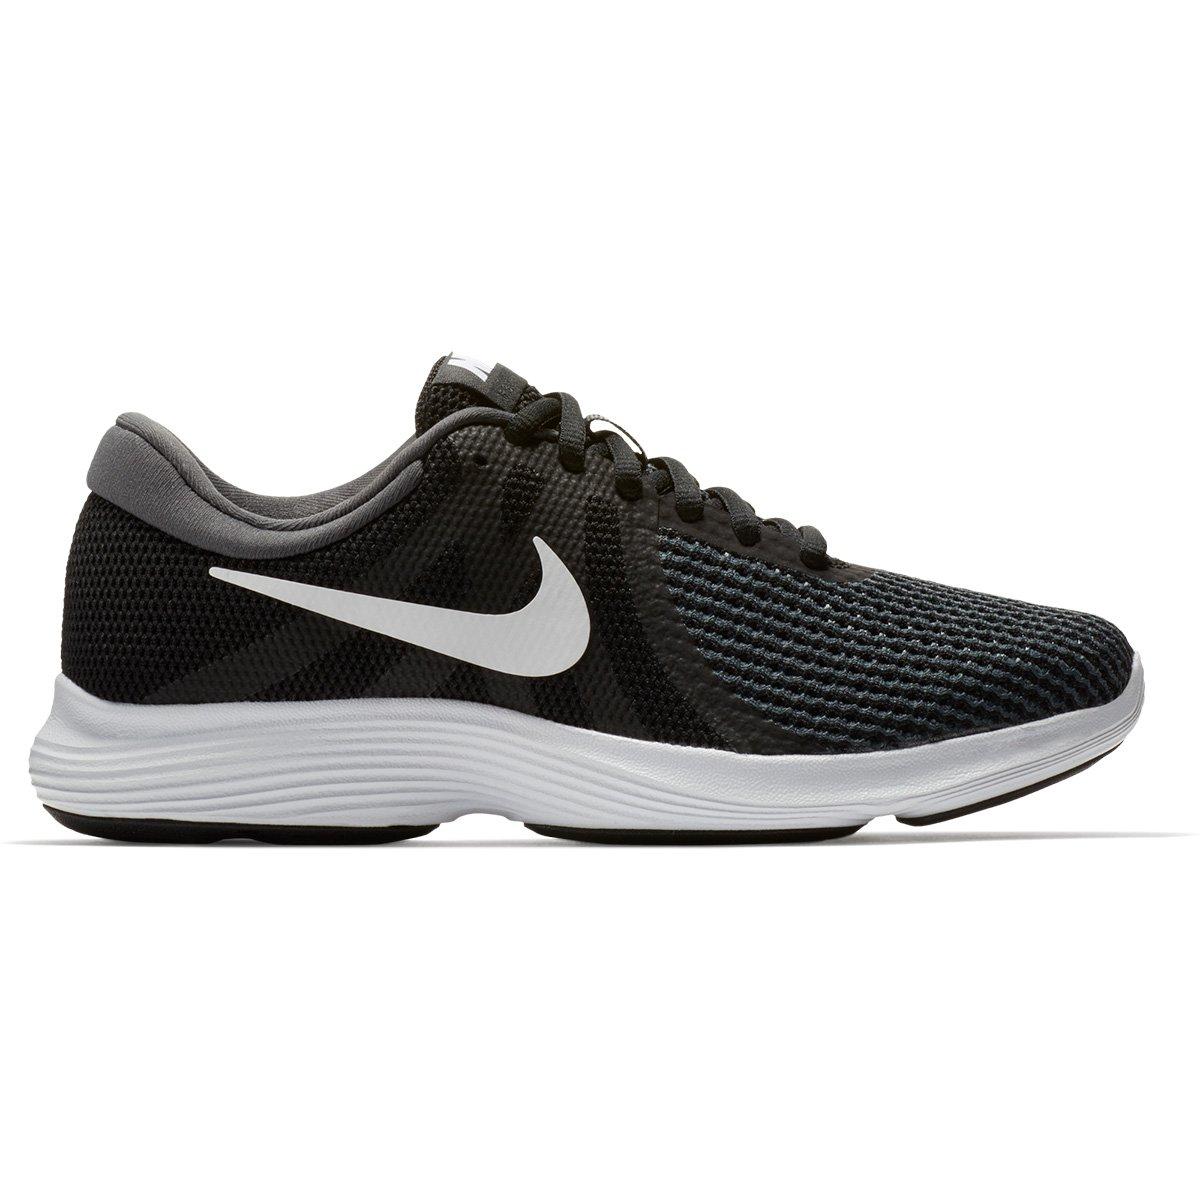 2ed694e16 Tênis Nike Revolution 4 Feminino - Preto e Branco | Shop Timão